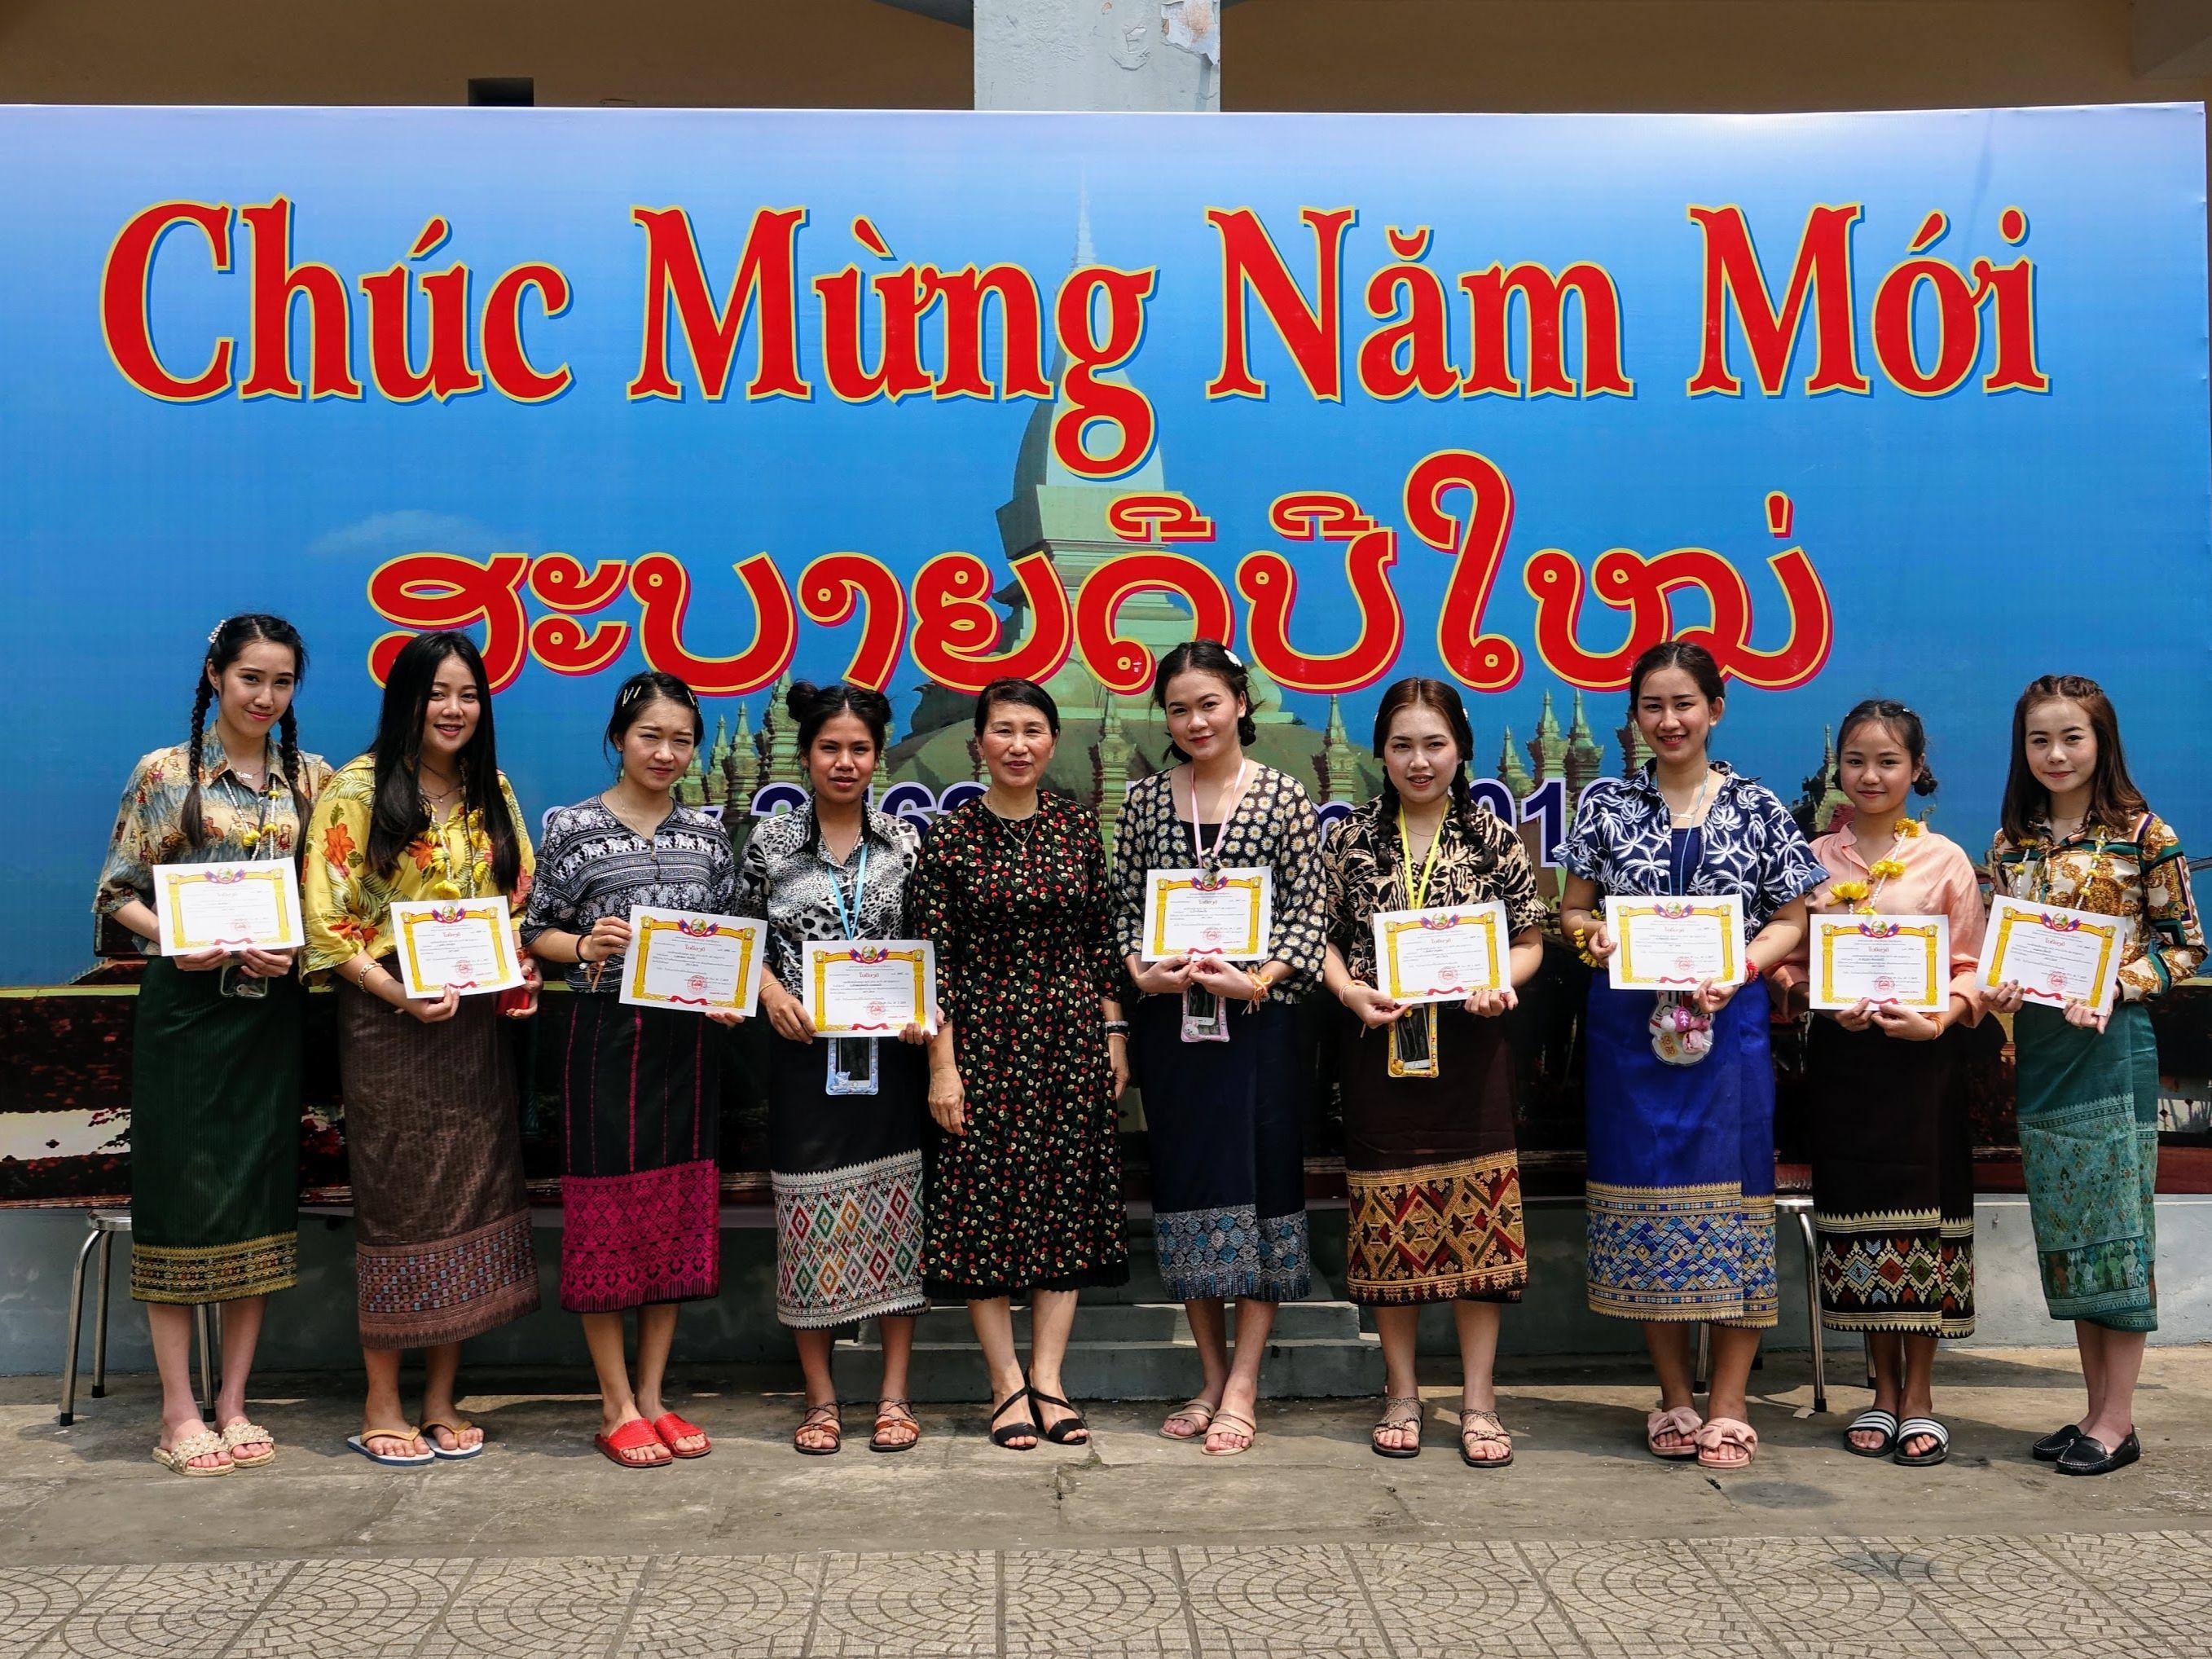 Lưu học sinh Lào vui tết cổ truyền tại Đại học Công nghiệp Hà Nội